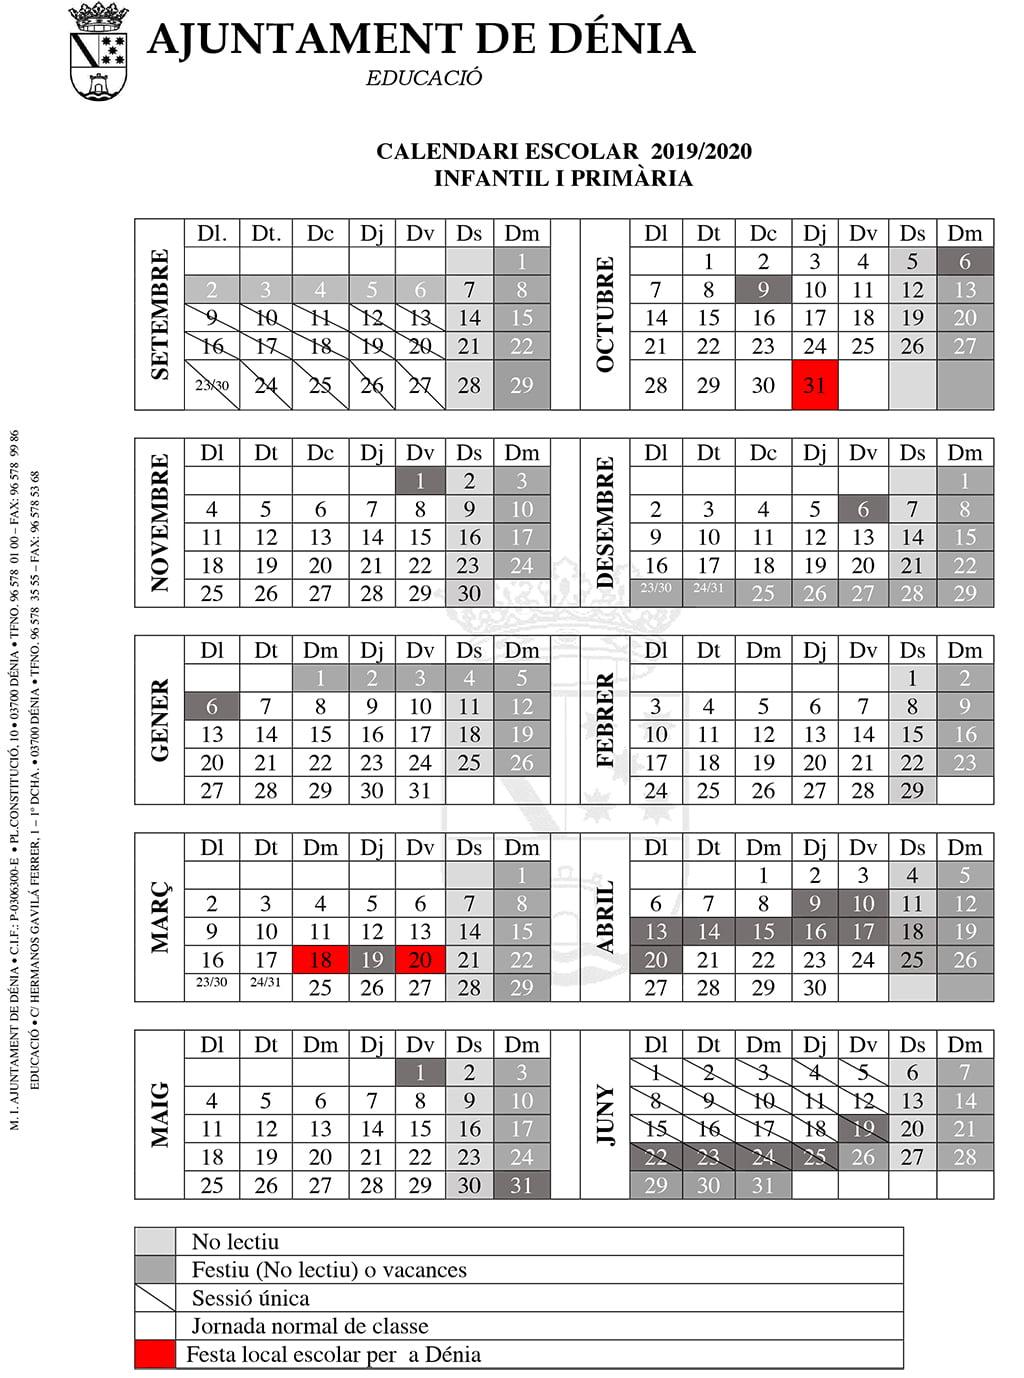 Fallas 2020 Calendario.Calendario Escolar 2019 2020 Infantil Denia Com